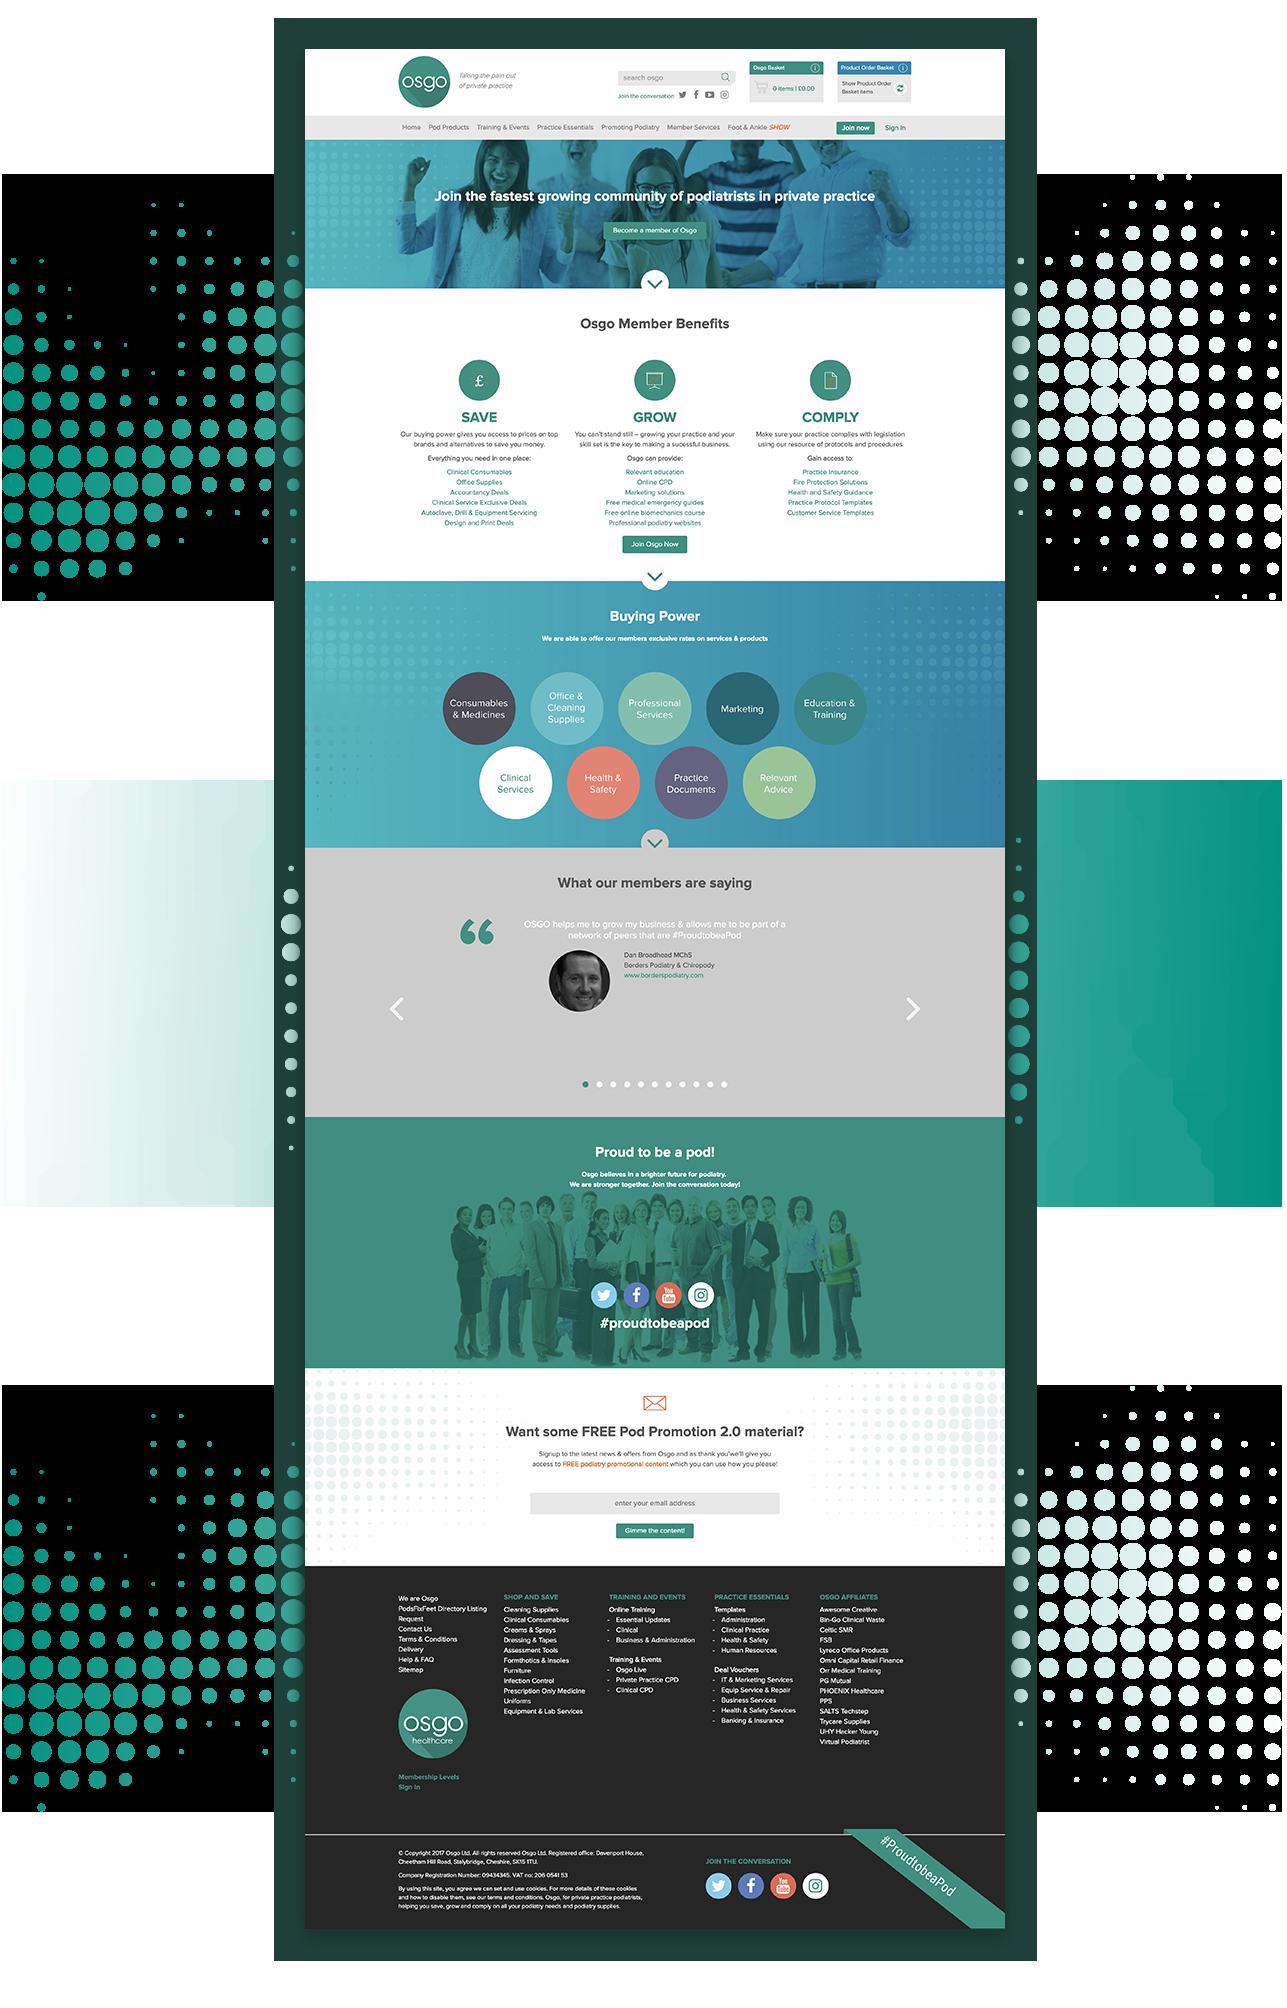 Osgo Web Design Manchester